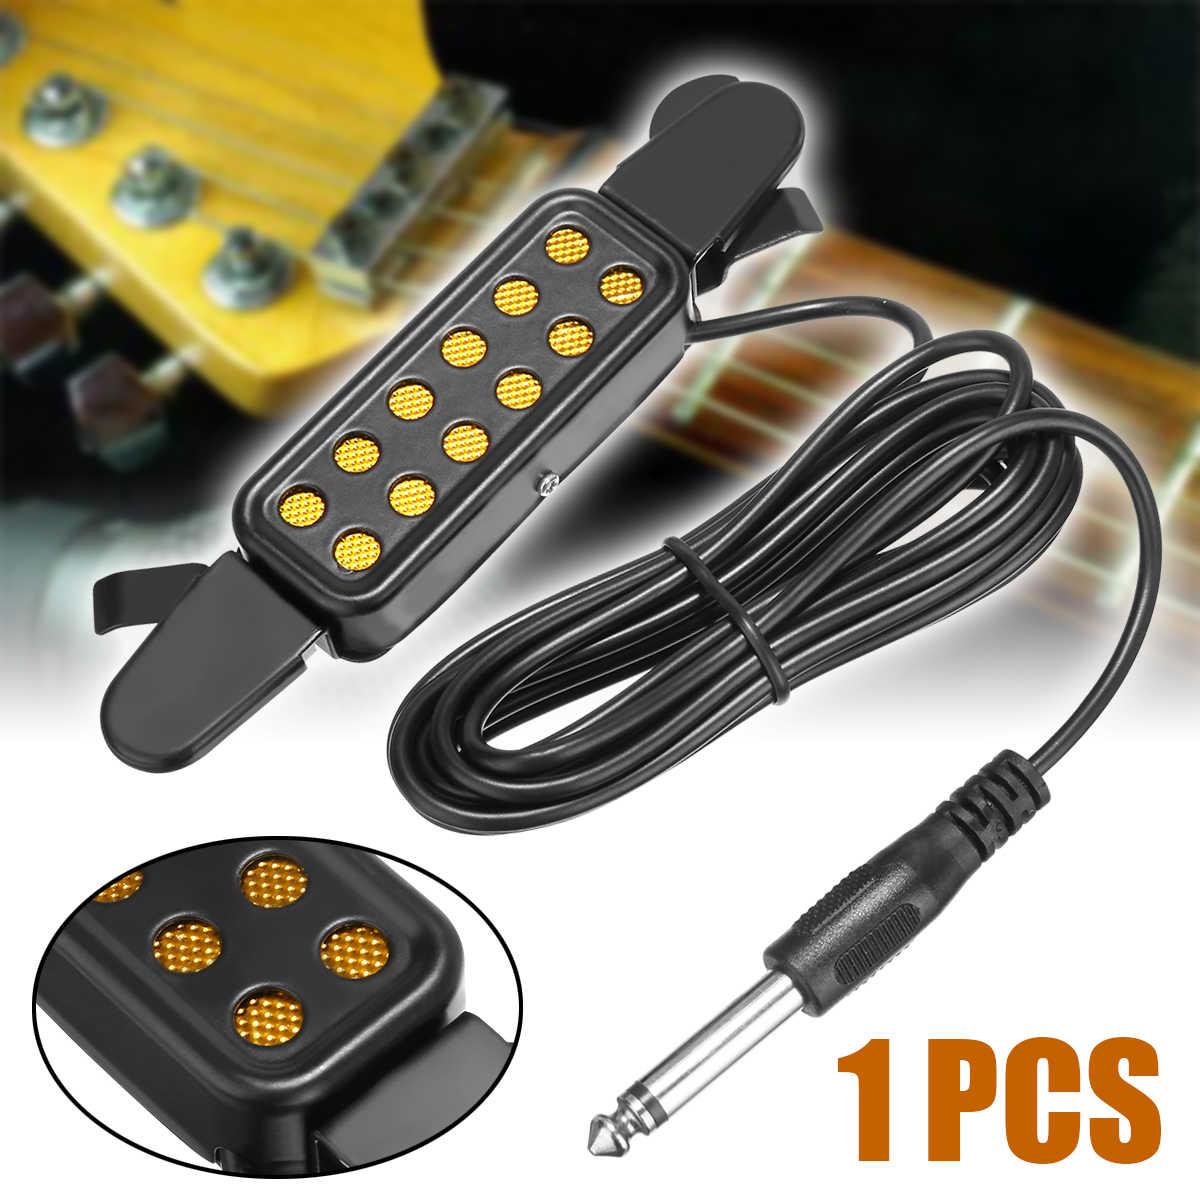 Mayitr 12 отверстий гитары Звук Пикап микрофон усилители домашние динамик акустическая гитары пикап с контроллером аудио кабель